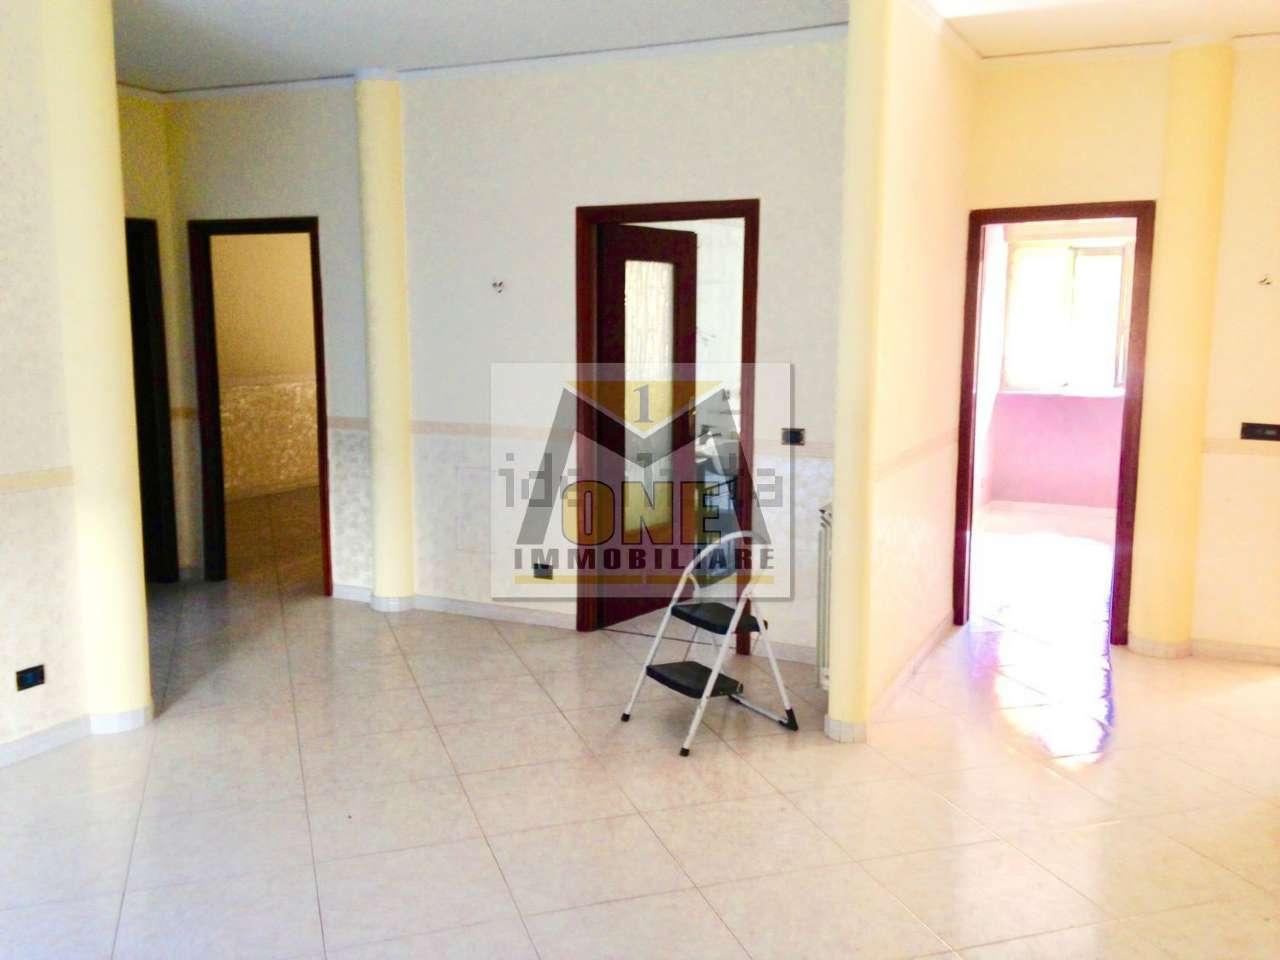 Appartamento in buone condizioni in vendita Rif. 8564232